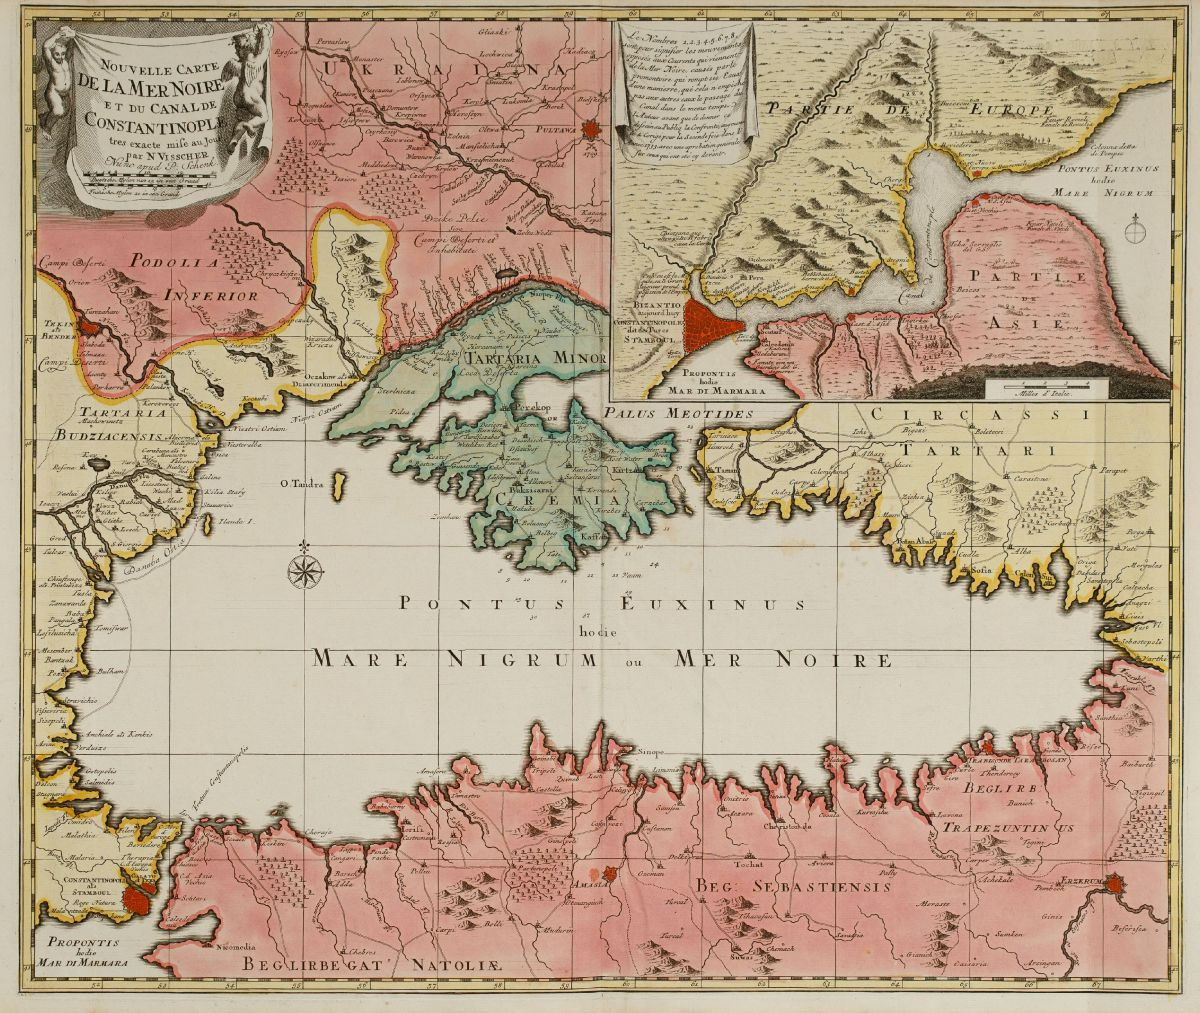 Novelle Carte de la Mer Noire et du Canal de Constantinople tres exacte  mise au Jour...